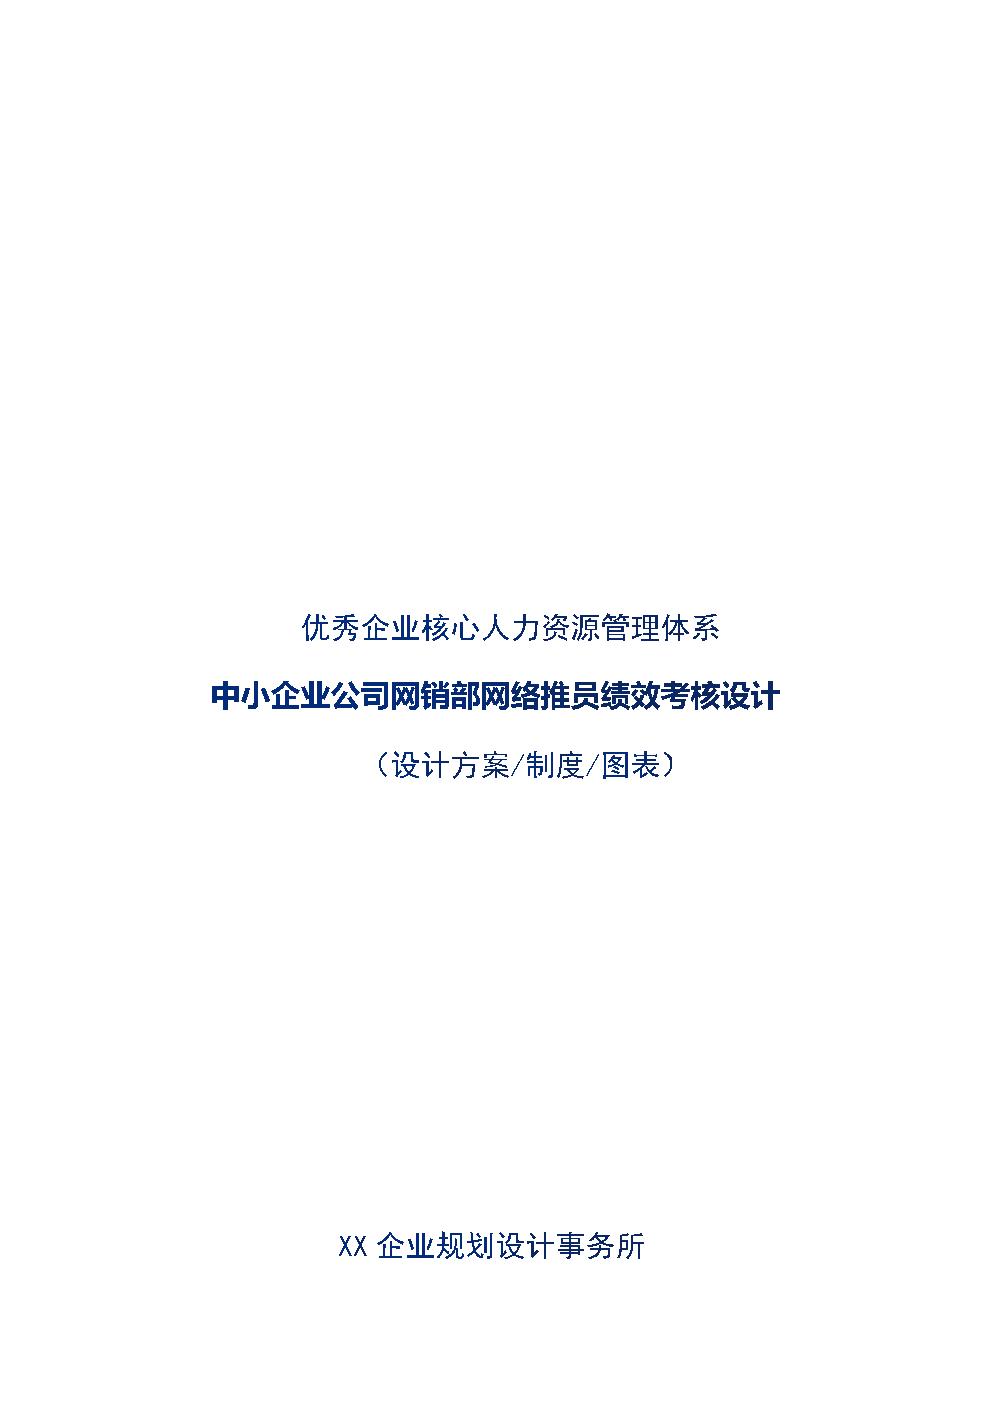 中小企业公司网销部网络推员绩效考核设计.docx